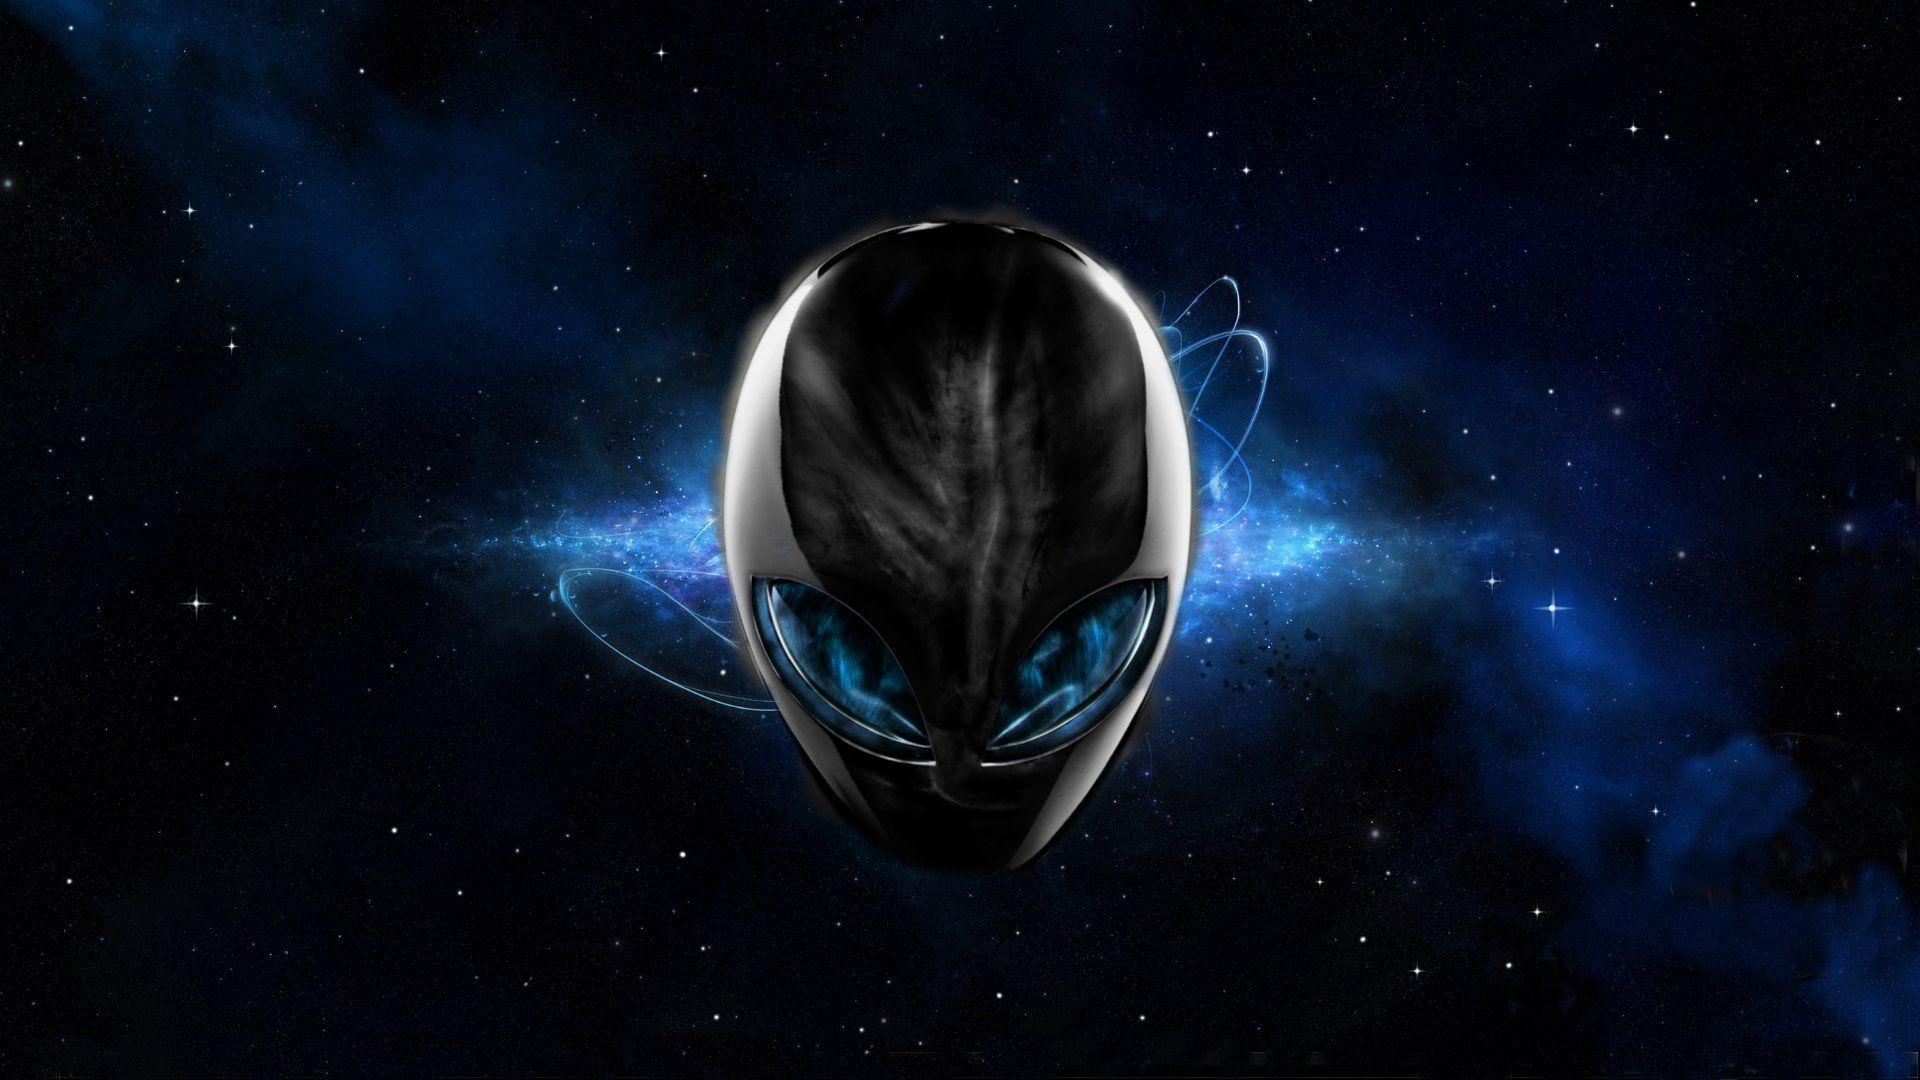 alienware desktop background blue space alienware head 1920x1080